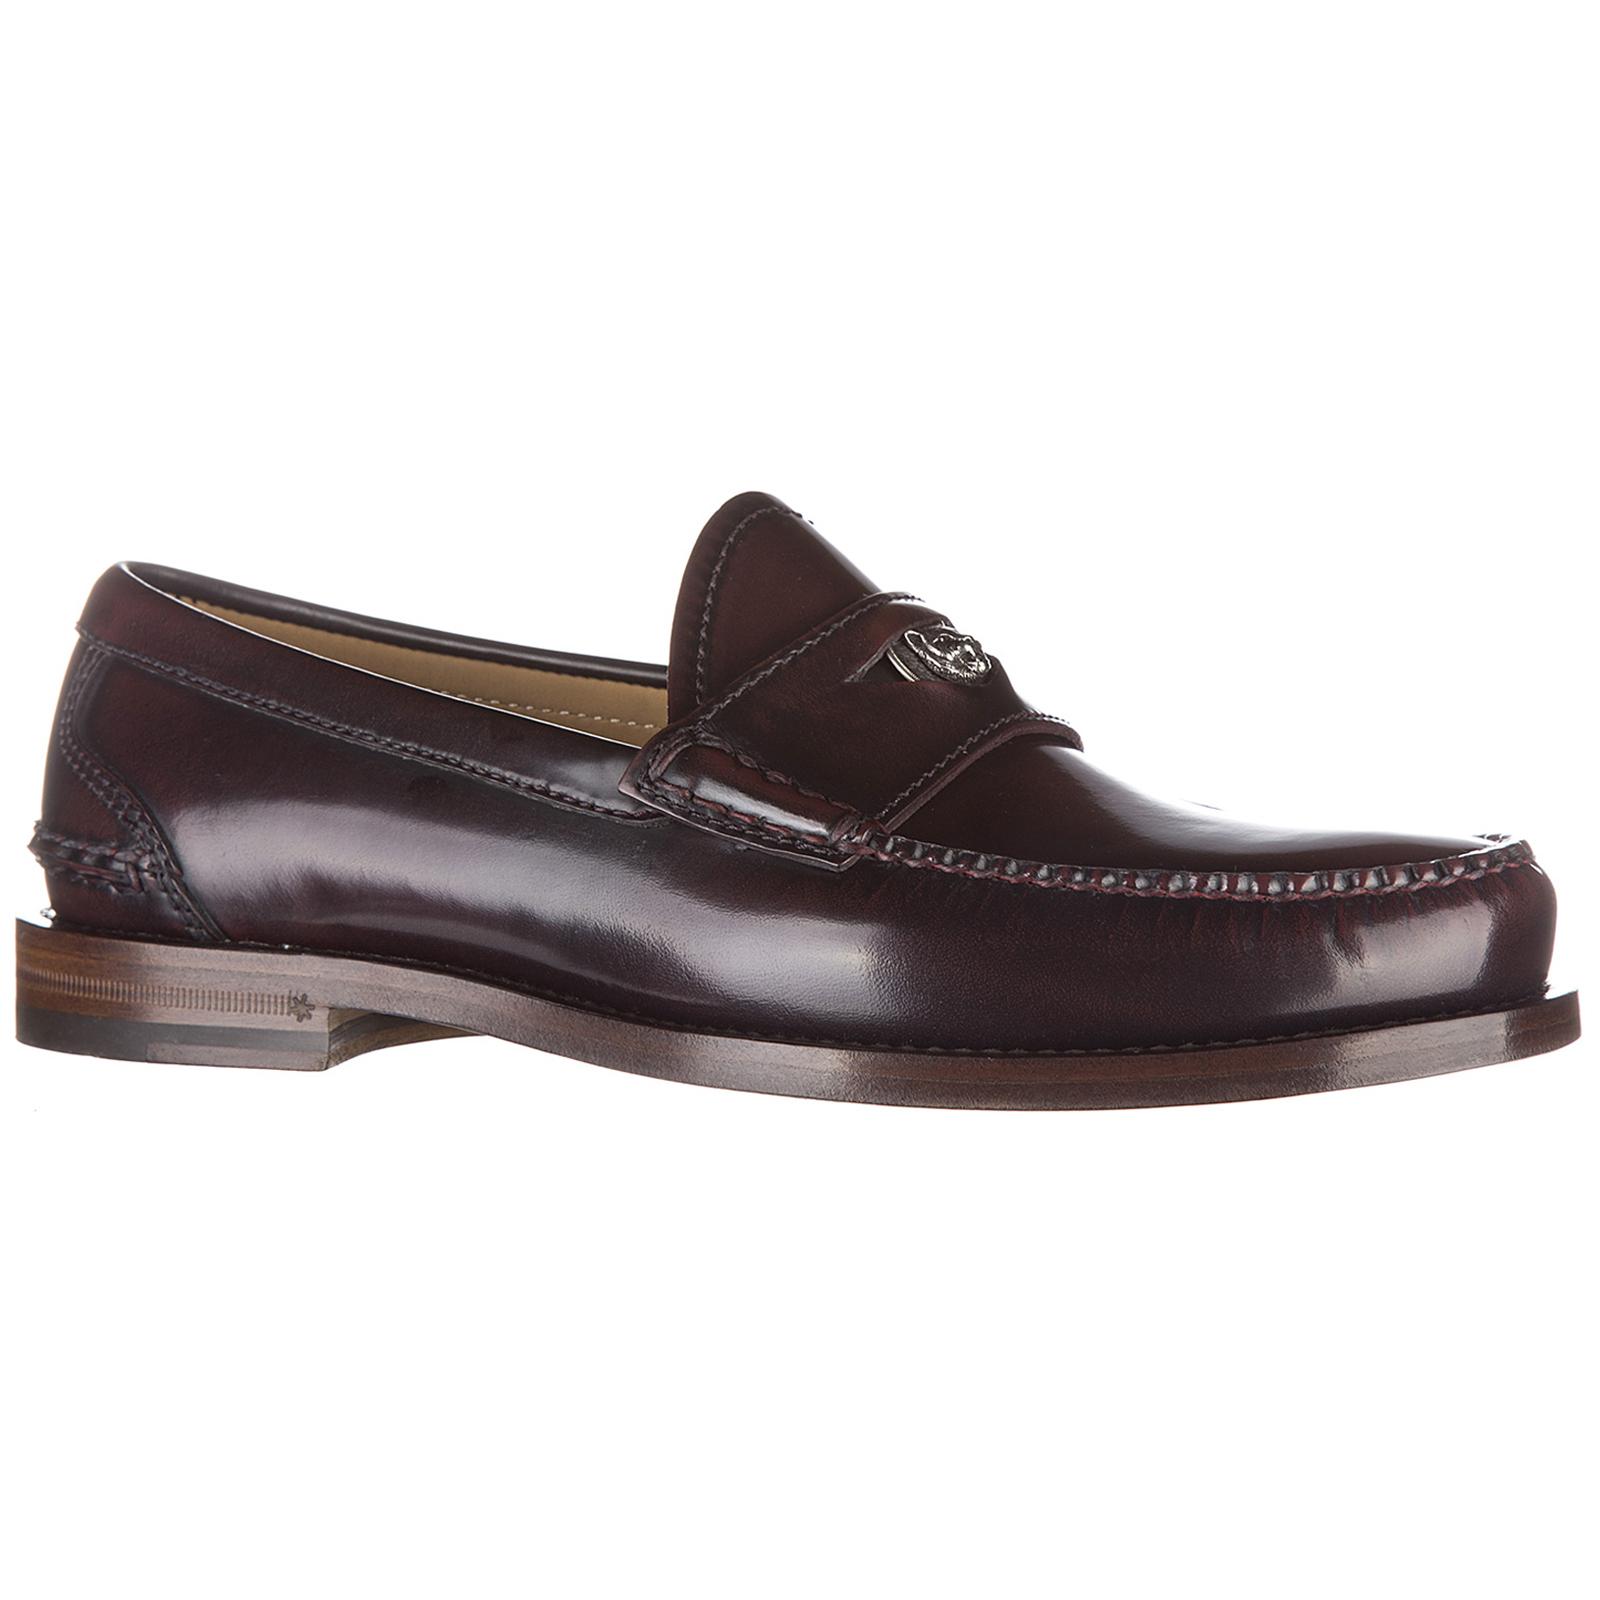 c4bdf9f5d73 Men s leather loafers moccasins camaleon feline Men s leather loafers  moccasins camaleon feline ...